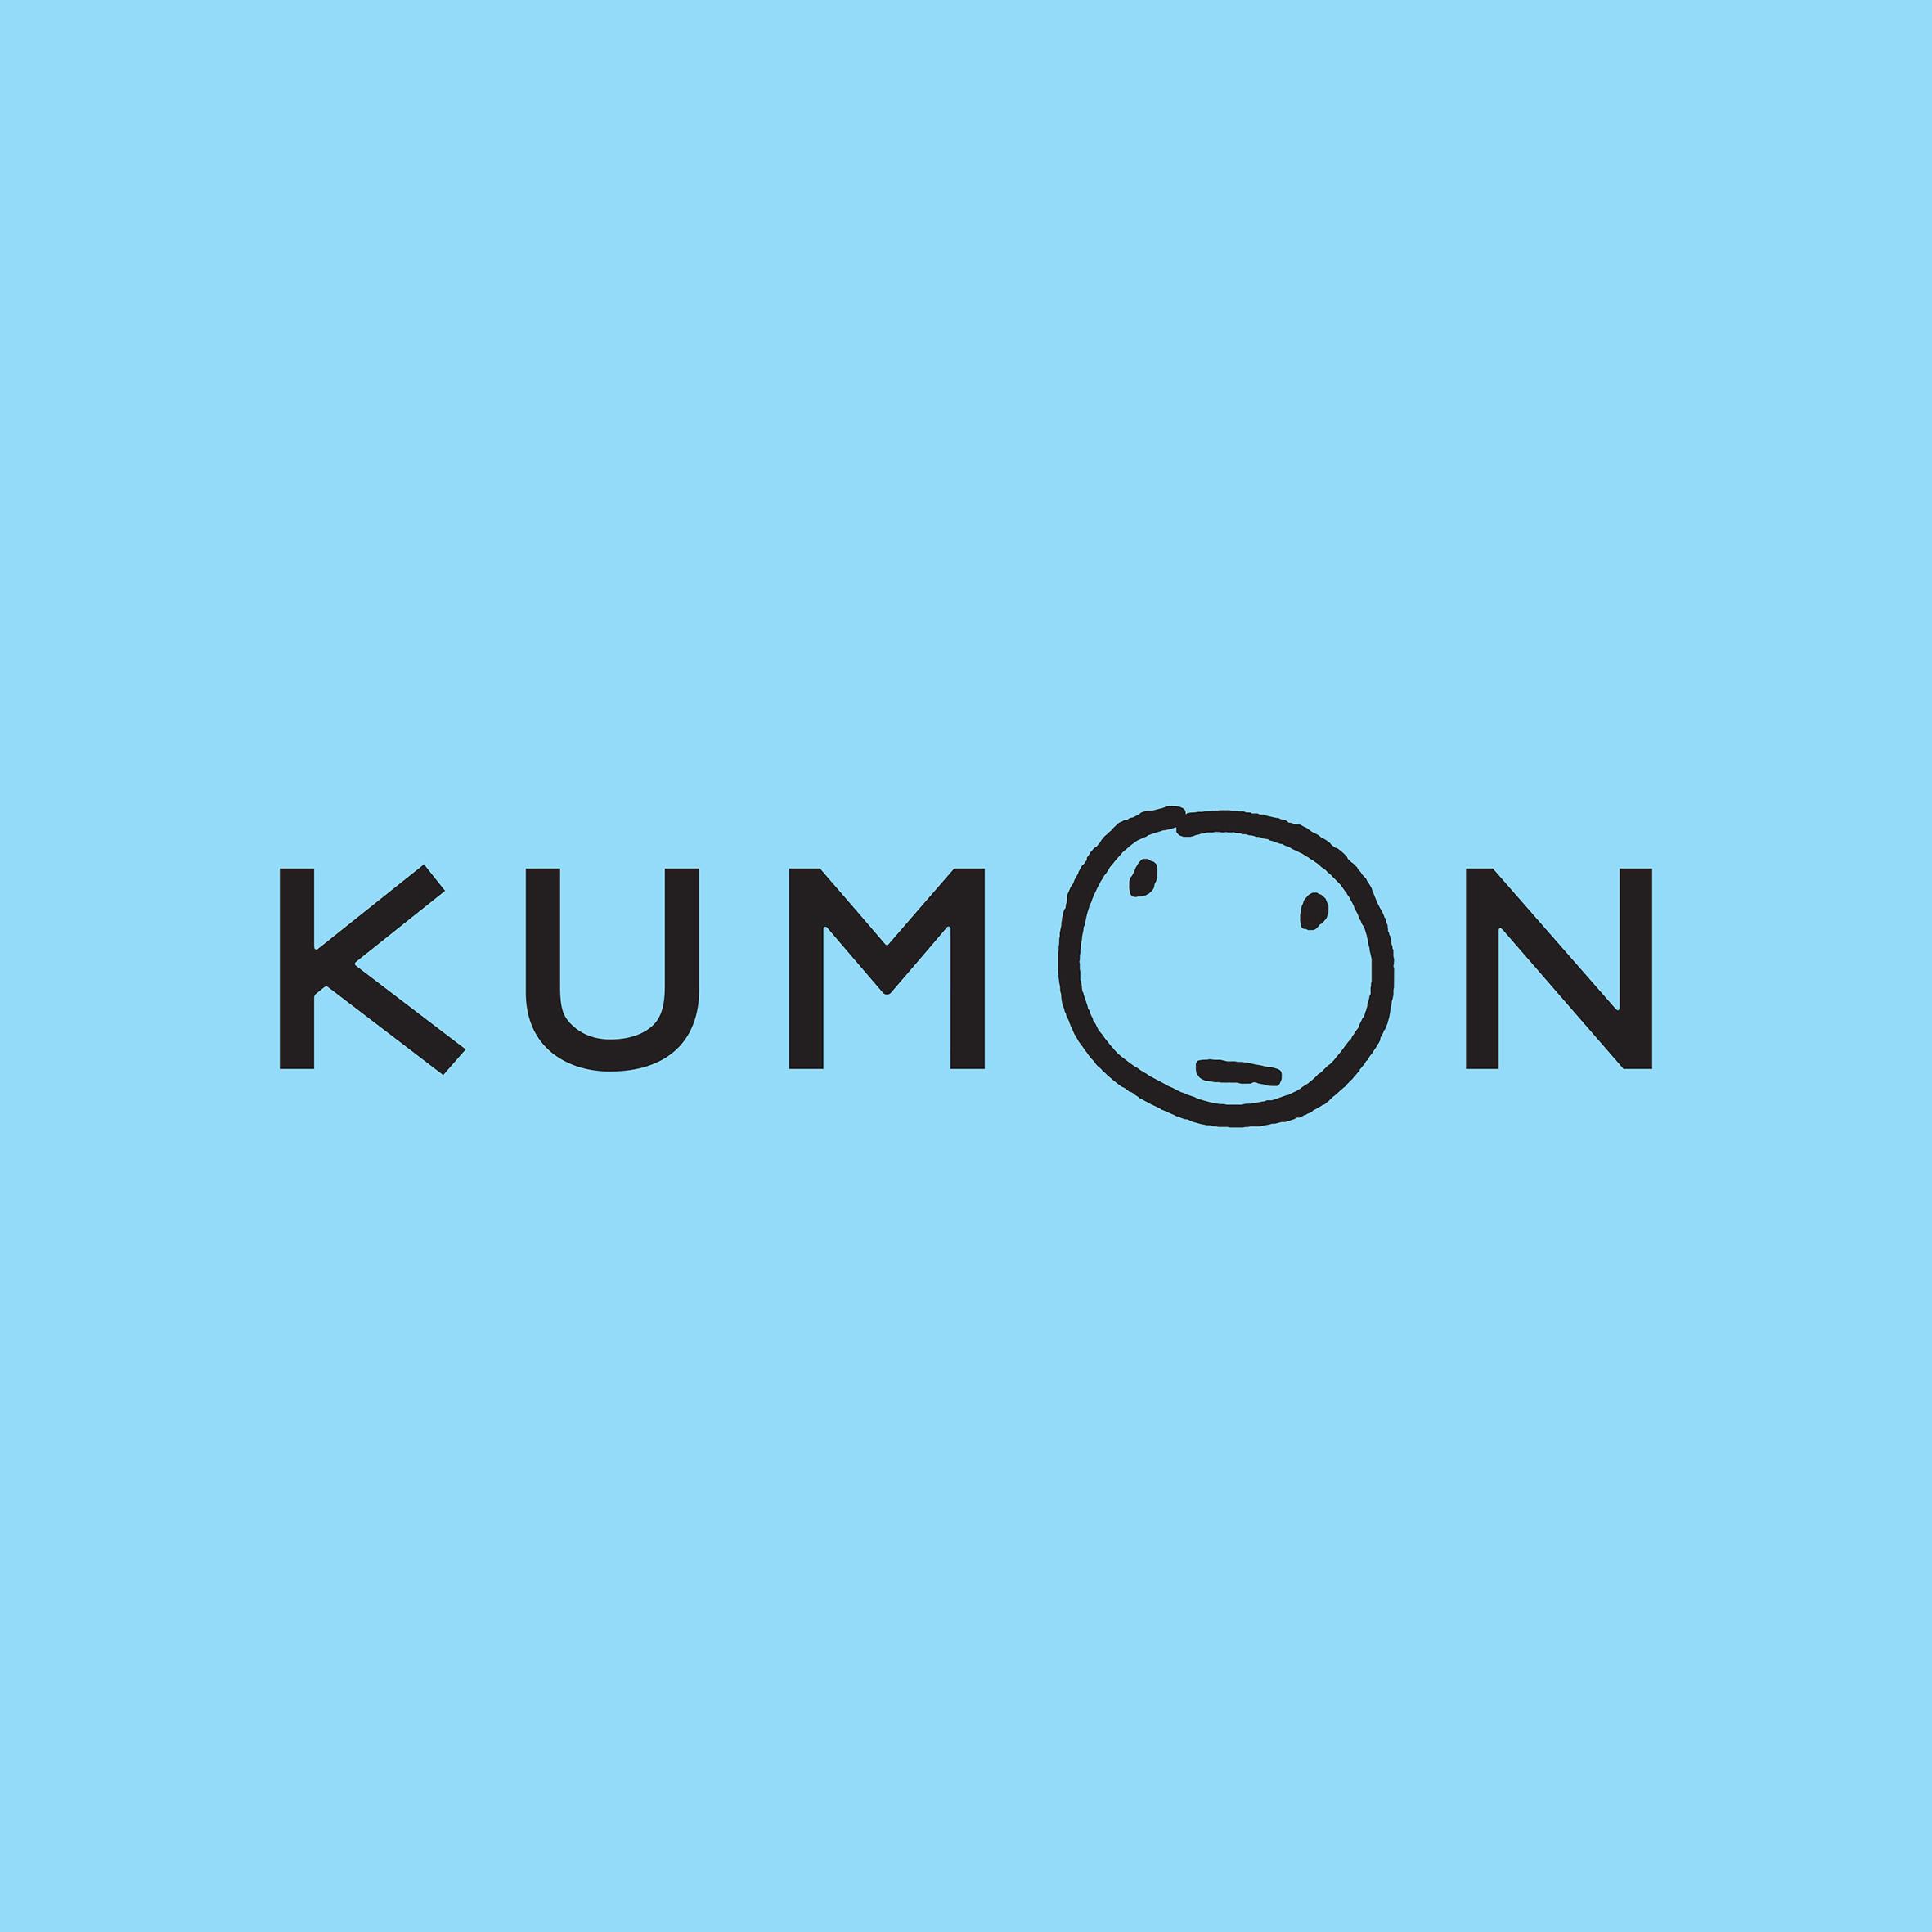 Trung Tâm Giáo Dục Nhật Bản Kumon